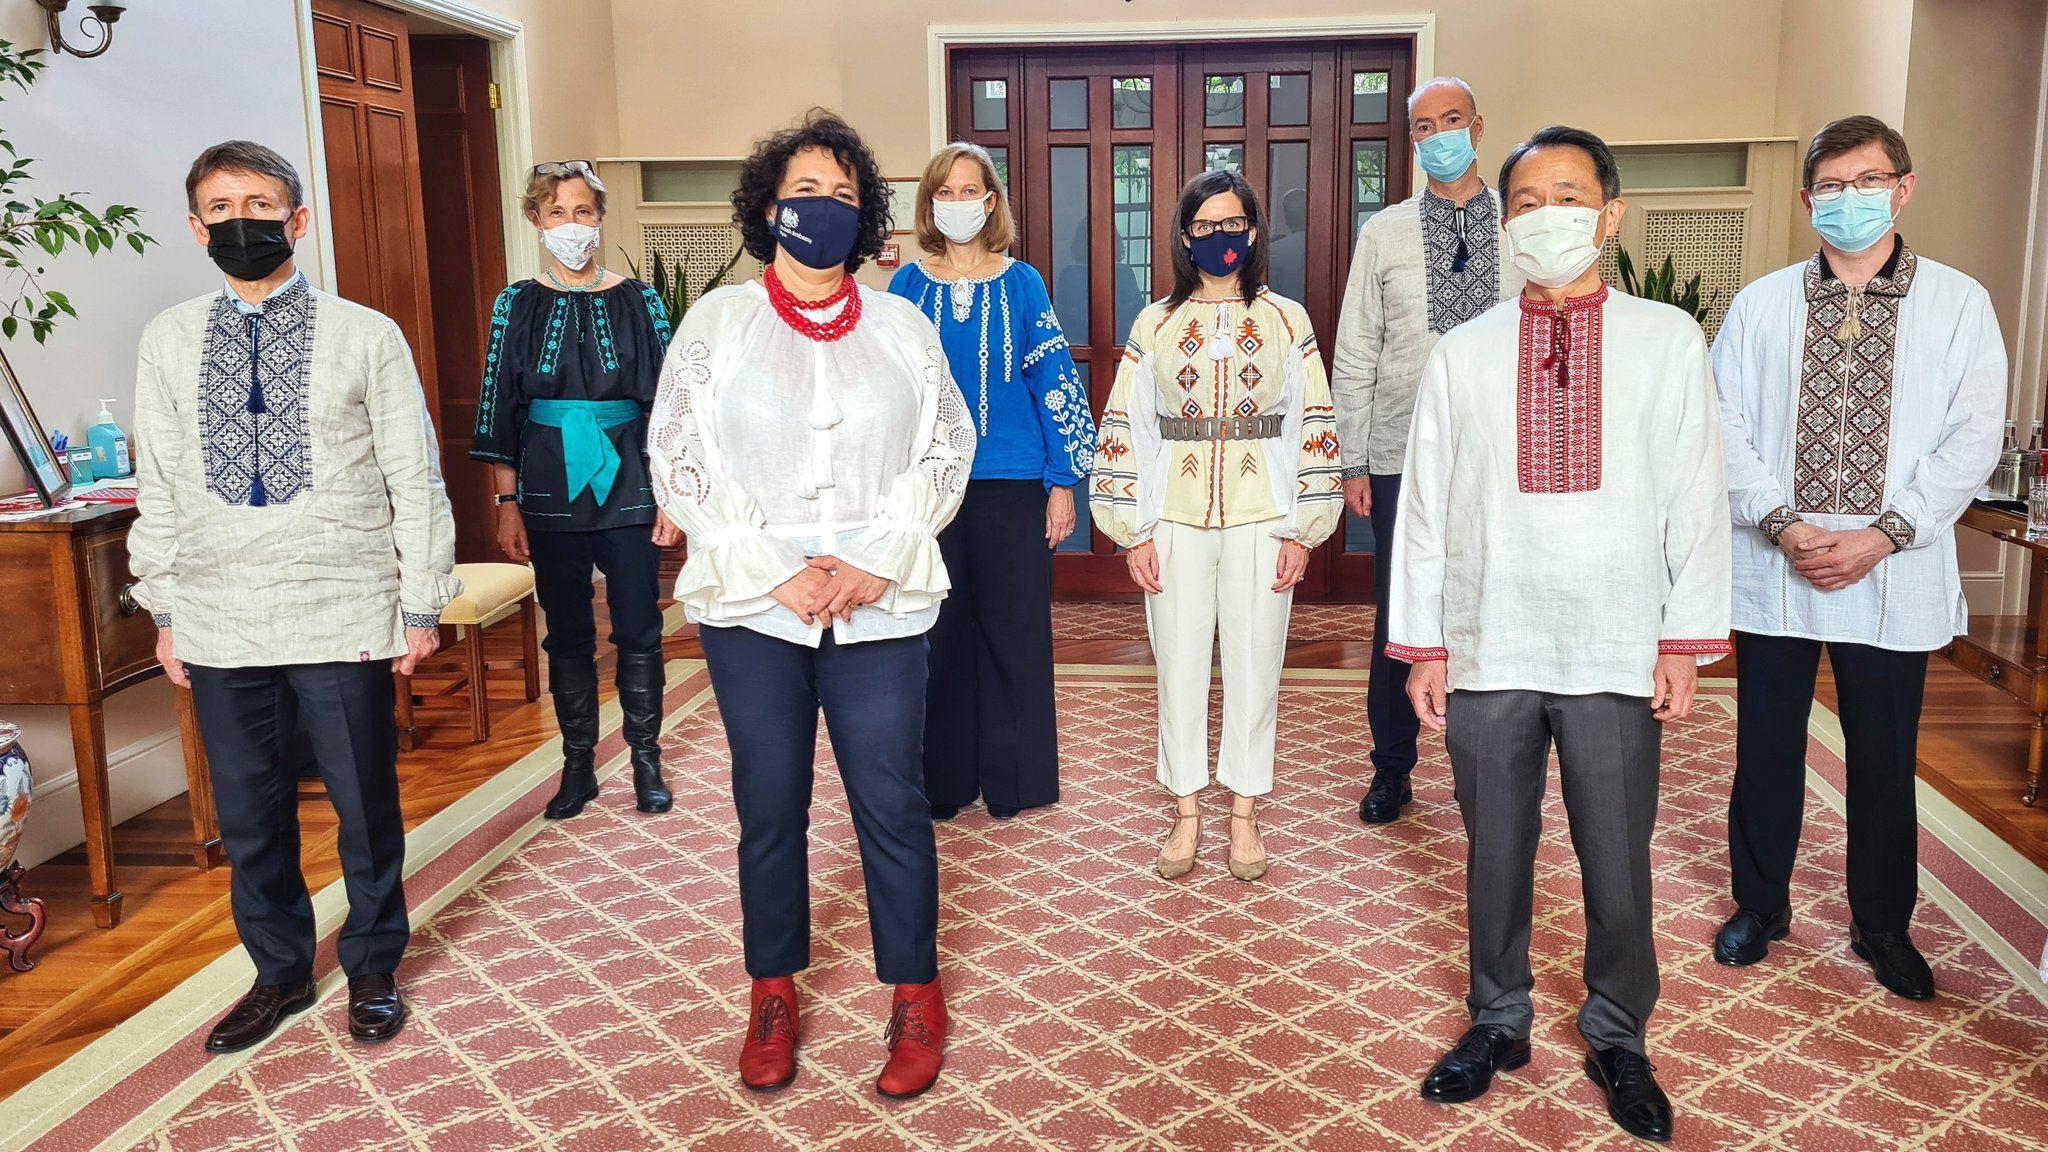 Послы стран «Группы семы» поздравили украинцев с Днем вышиванки и опубликовали общее фото